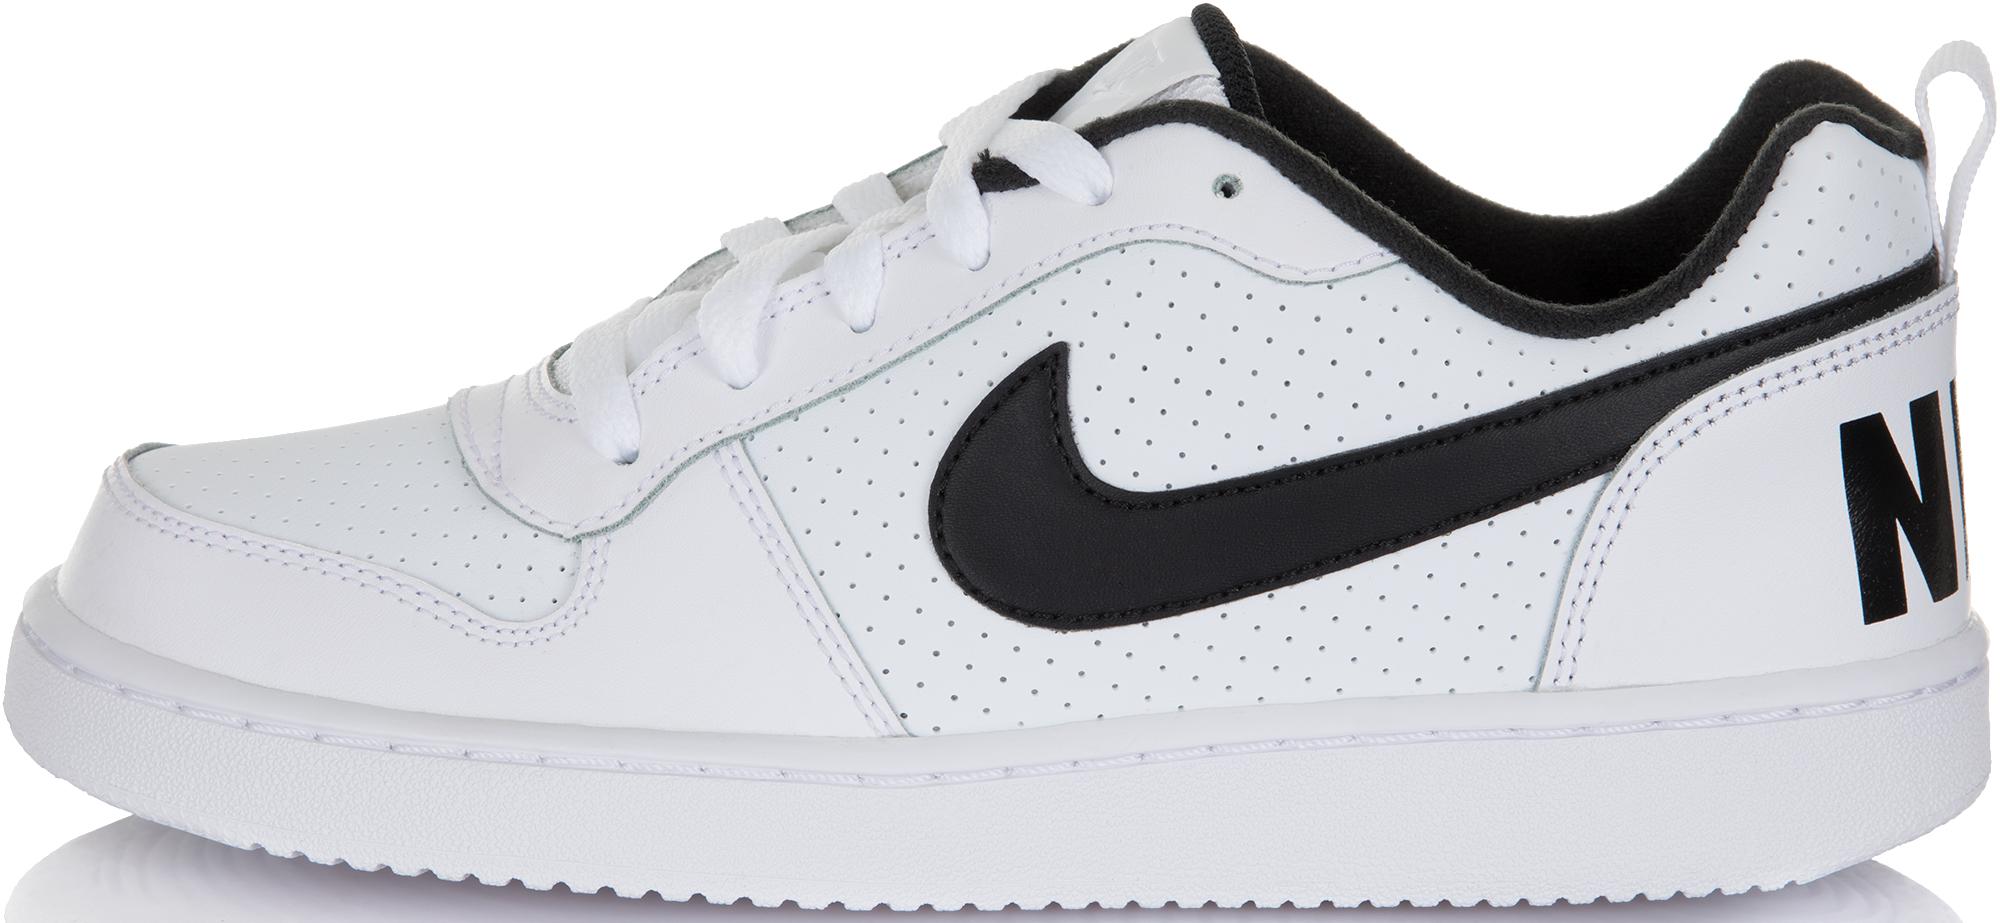 Кеды Nike Кеды детские Nike Court Borough Low, размер 39 rcv acf8292